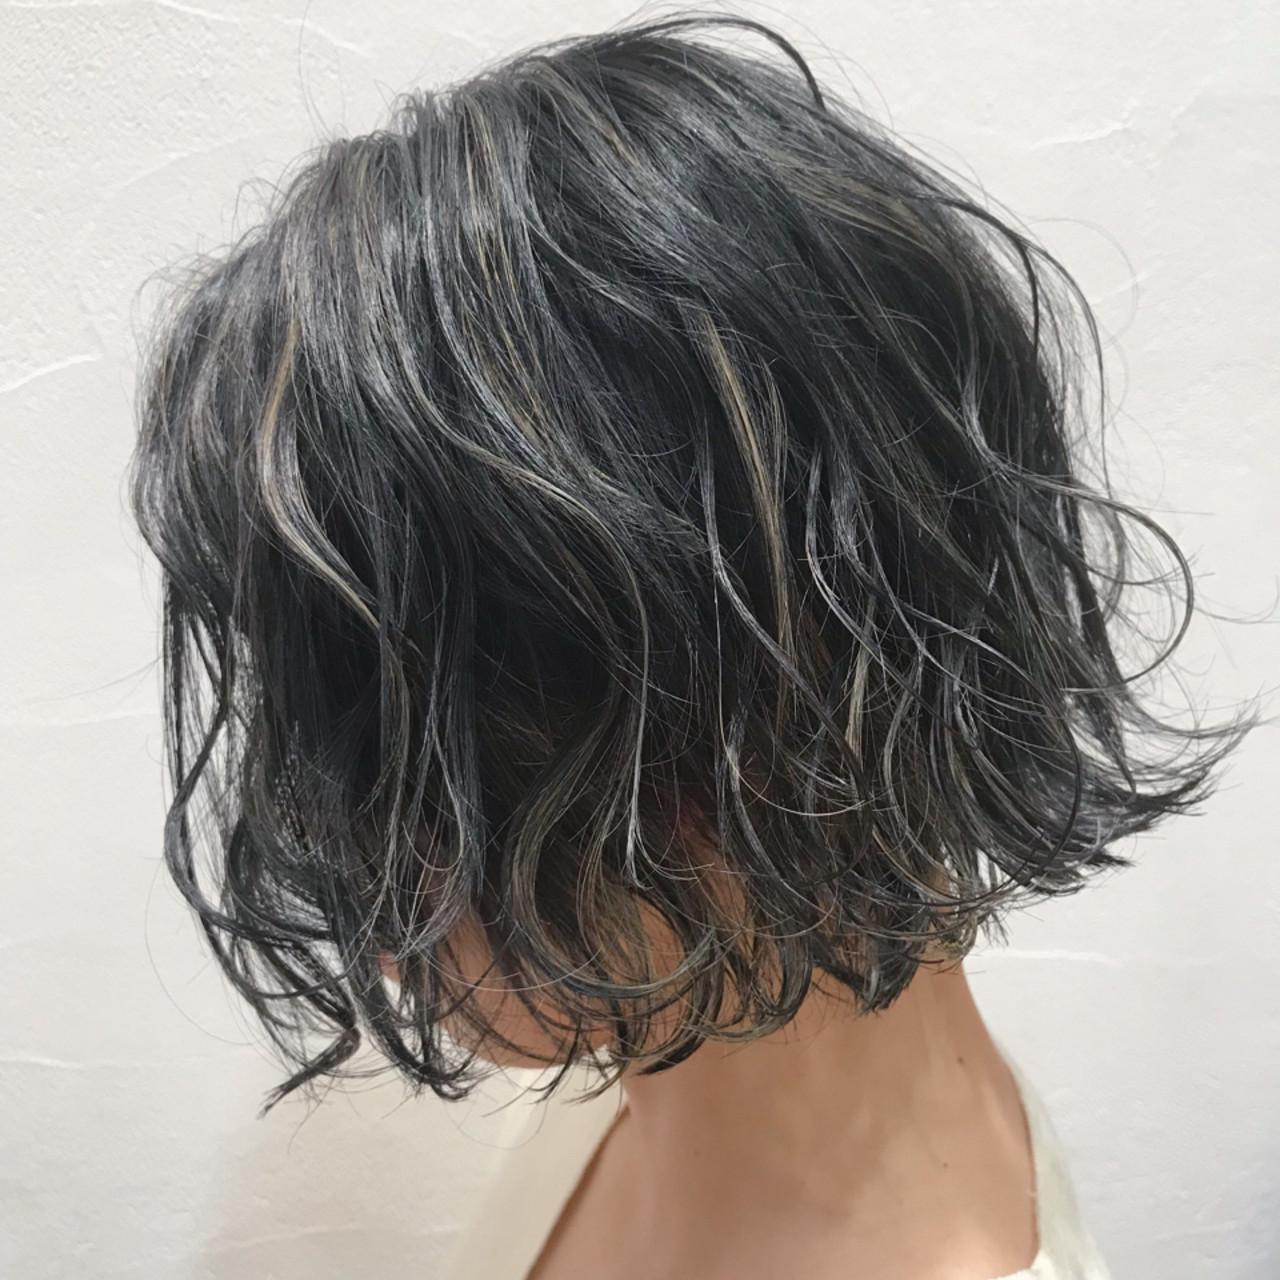 黒髪はハイライトで垢抜け♡ショート・ミディアム・ロング別